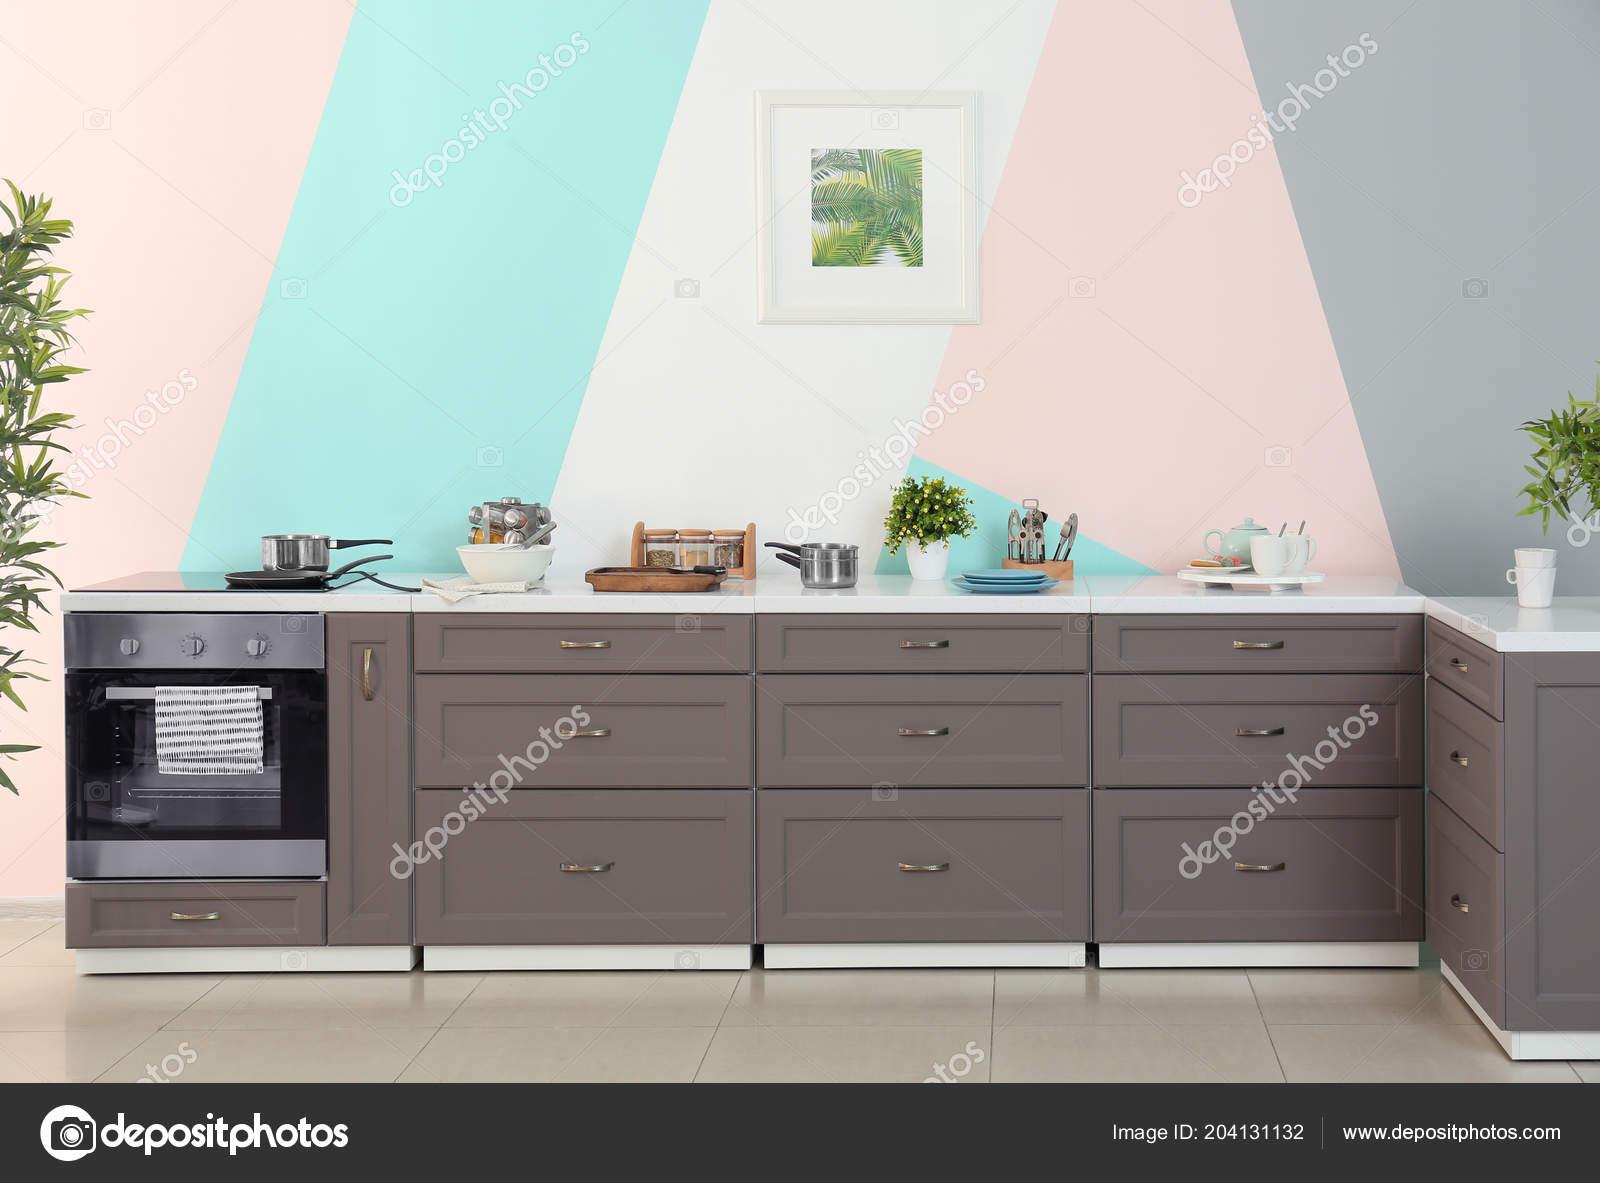 Muebles Cocina Fondo Pared Color — Foto de stock © belchonock #204131132